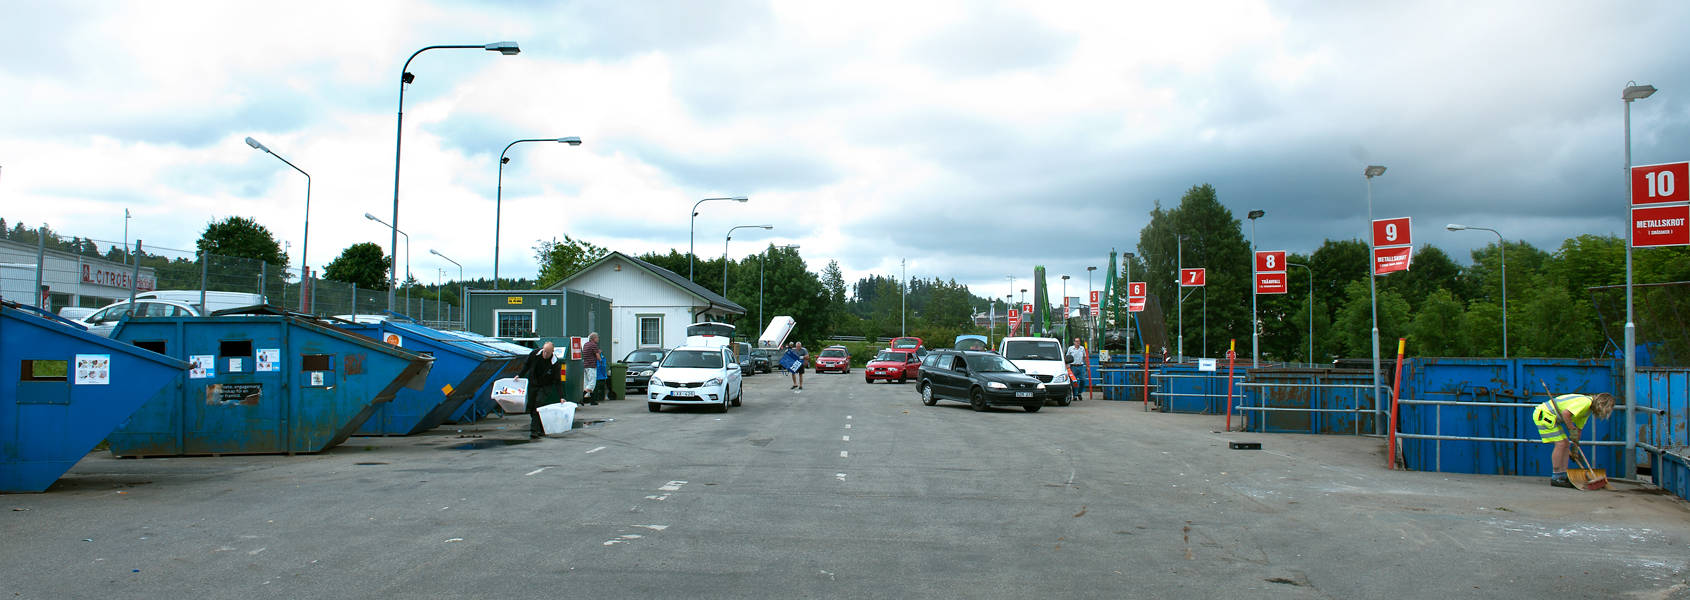 Böda återvinningscentral öppettider